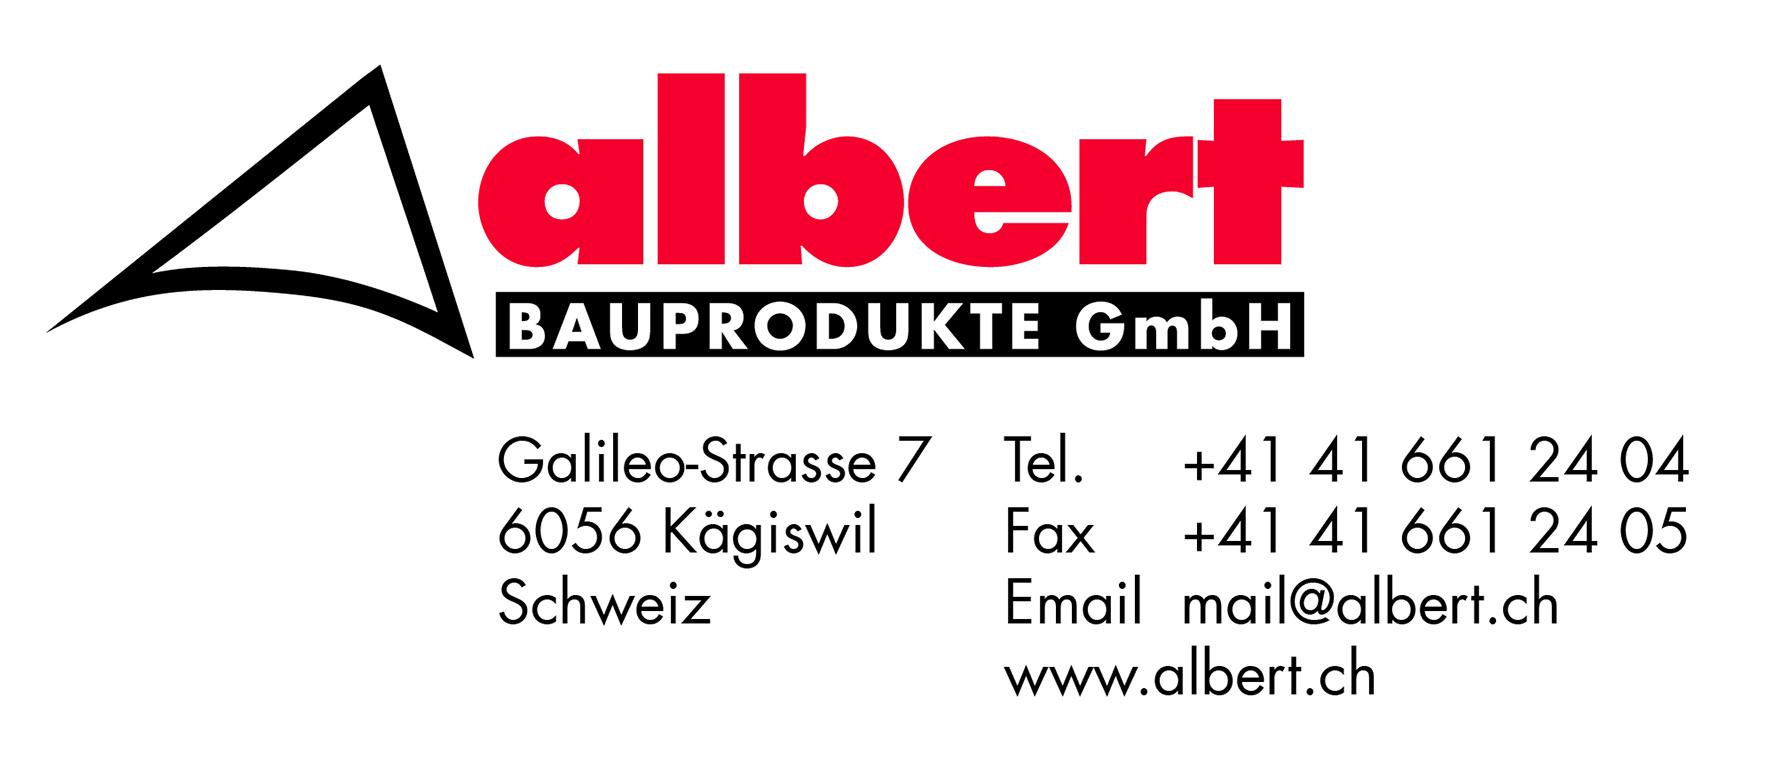 albert_Bauprodukte_Logo.jpg